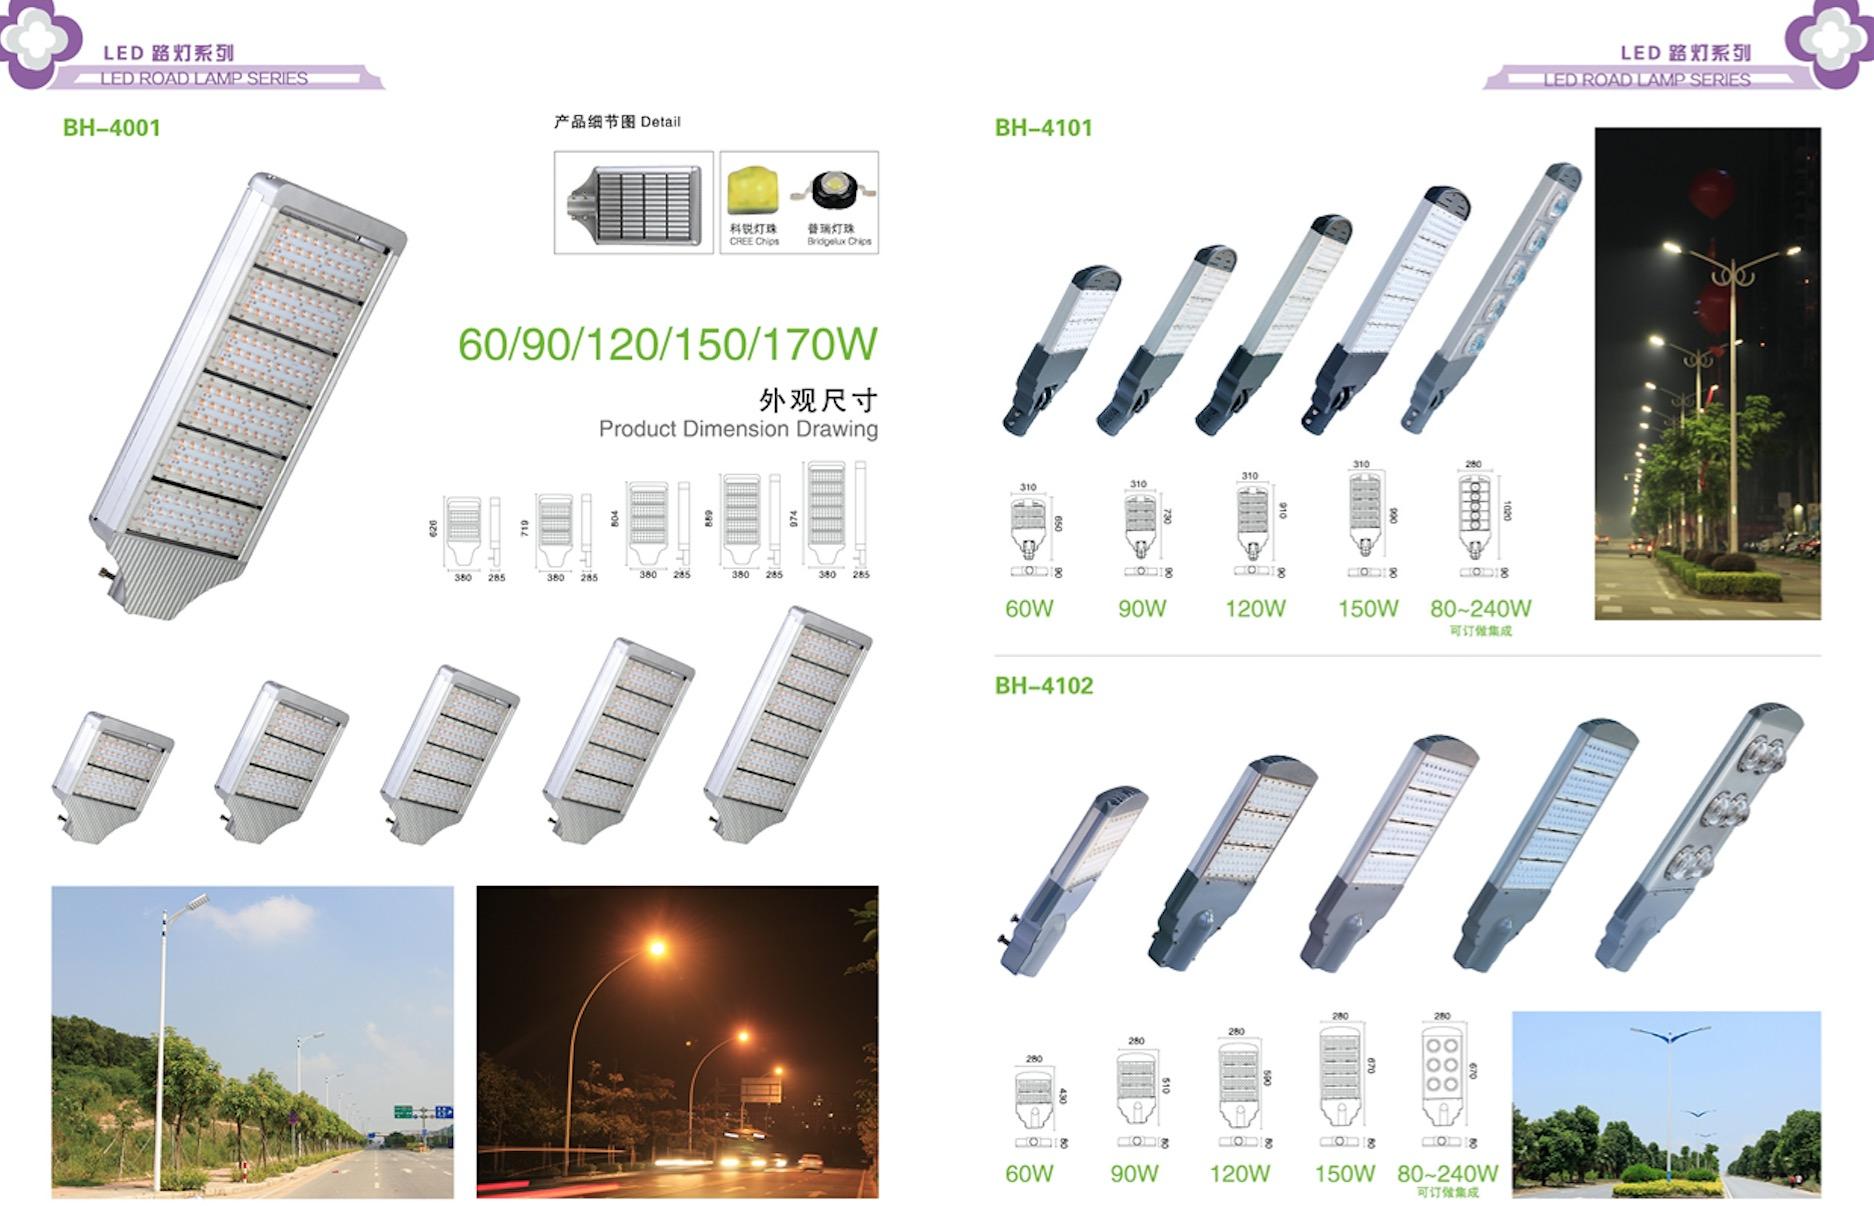 雷能LED路灯系列